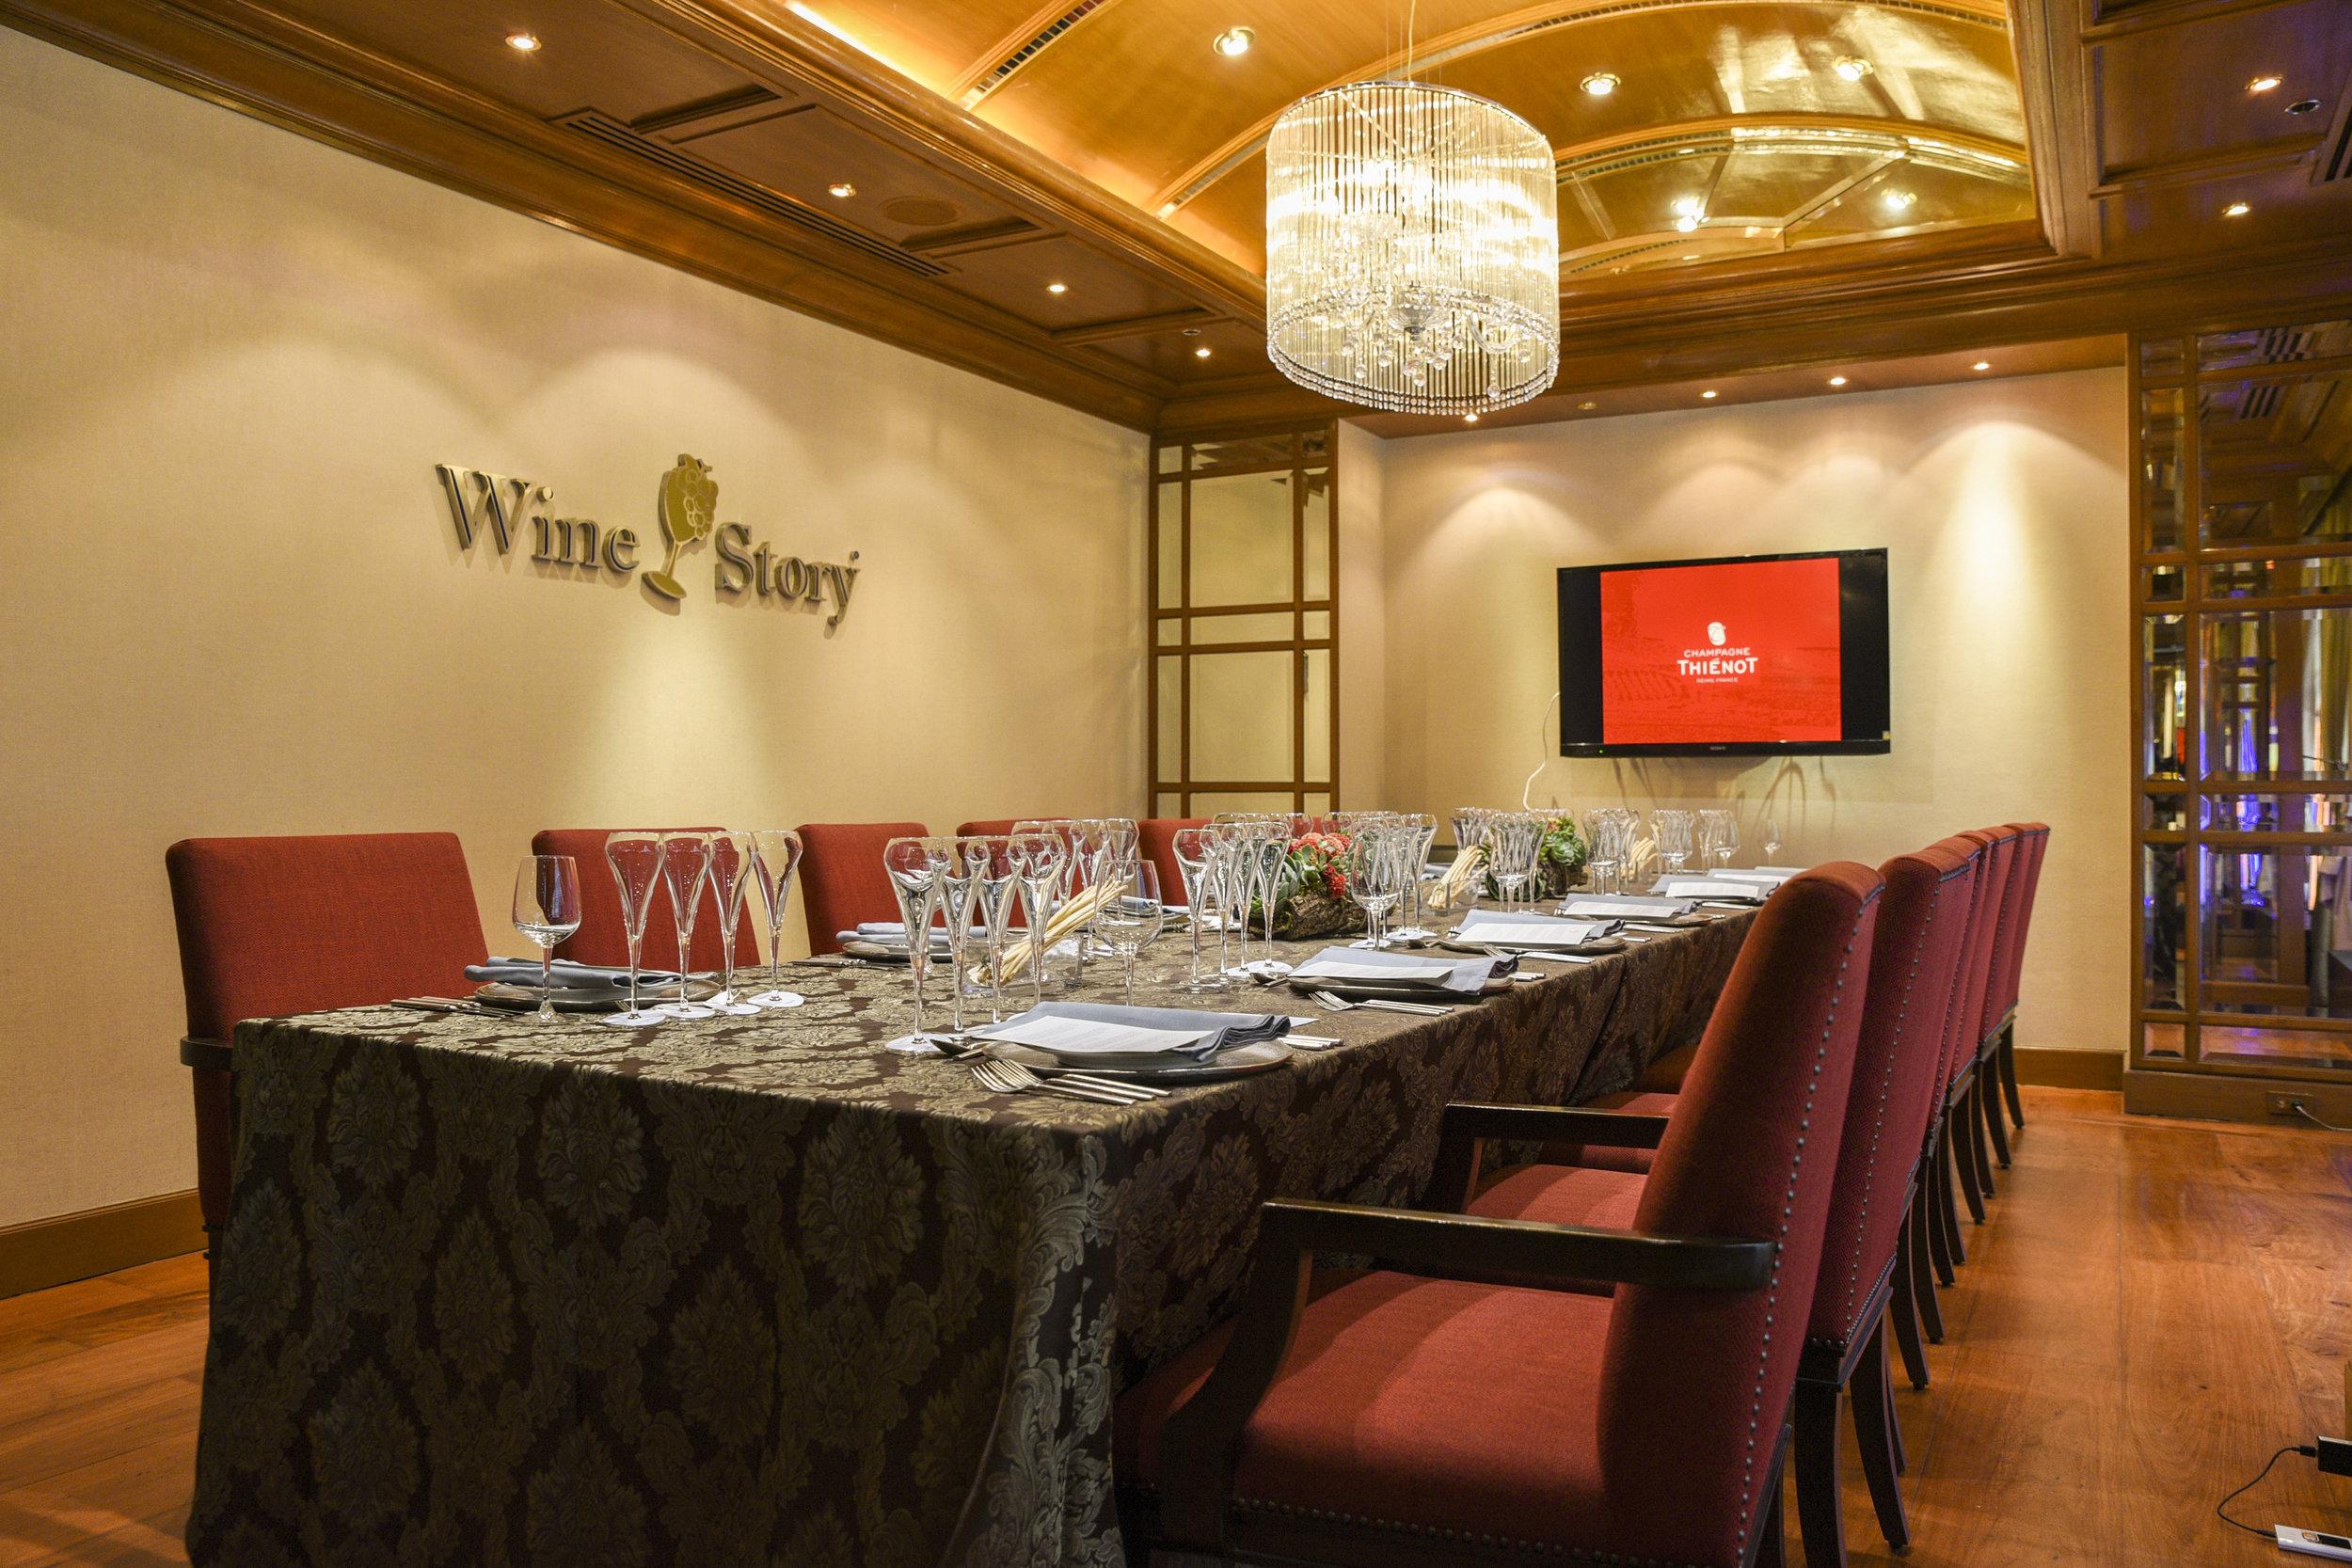 Wine Story Shangri-La - Imperial Room.jpg